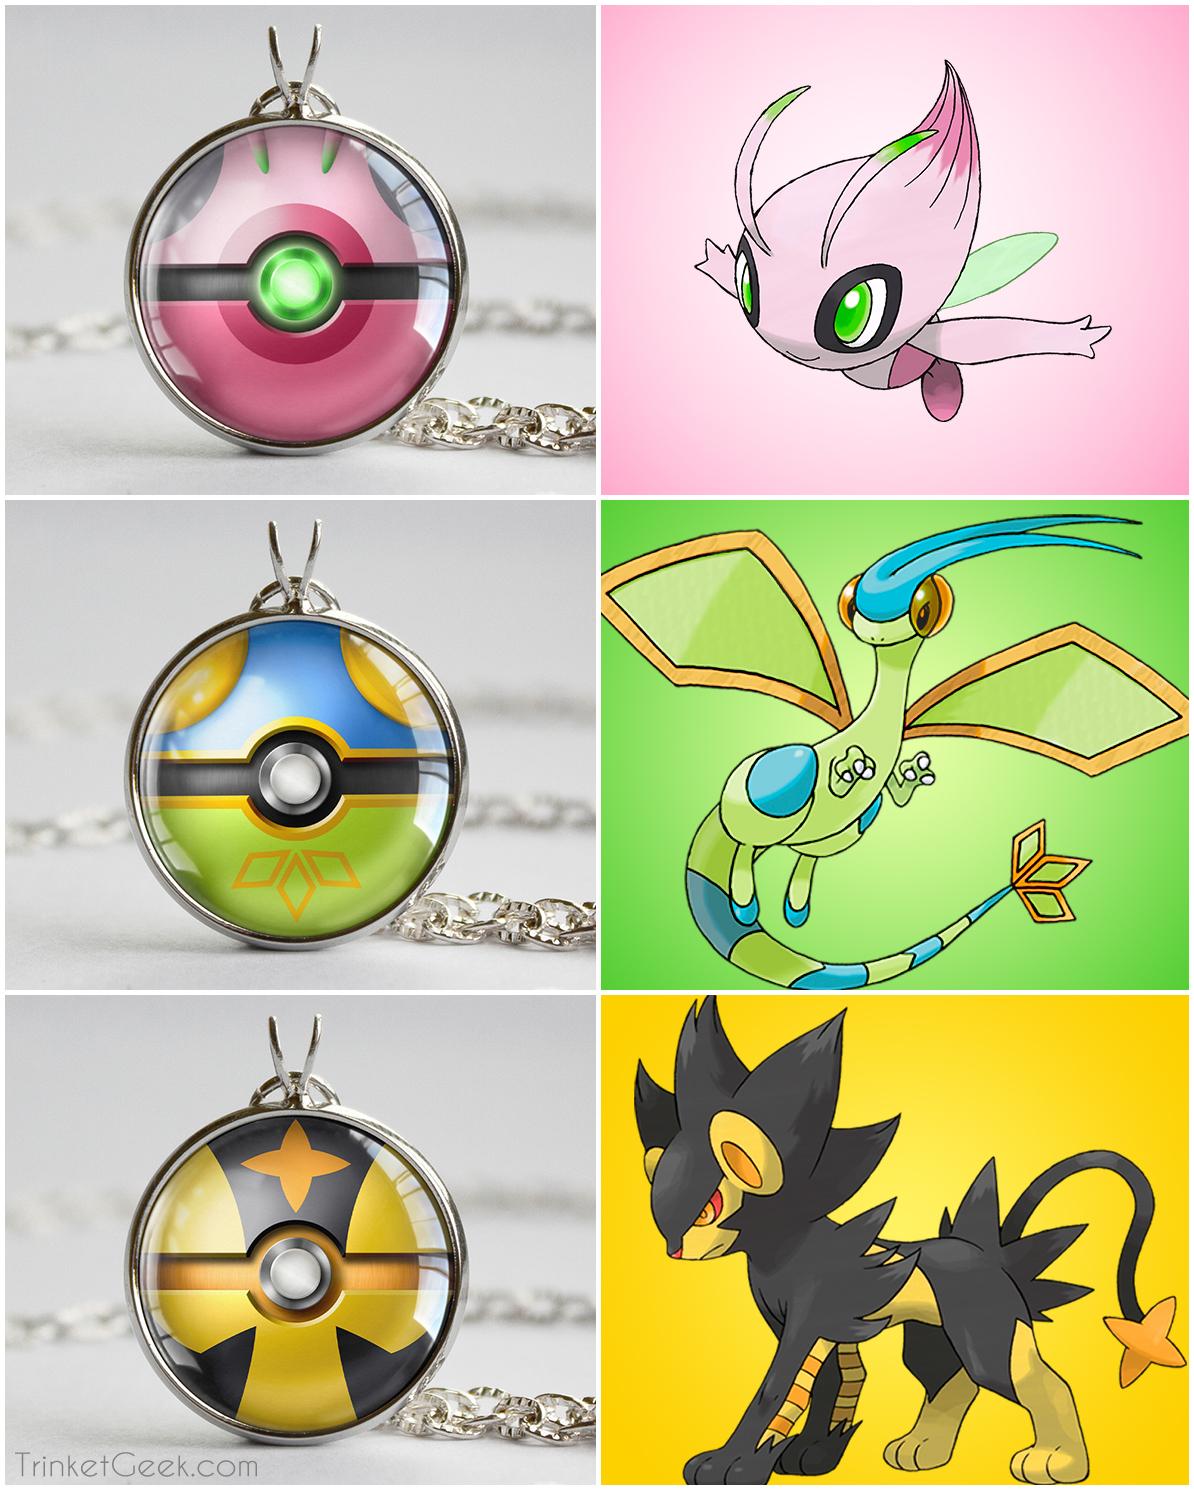 Pokeball clipart shiny Themed SHINY Pkmn pendants Pokeball